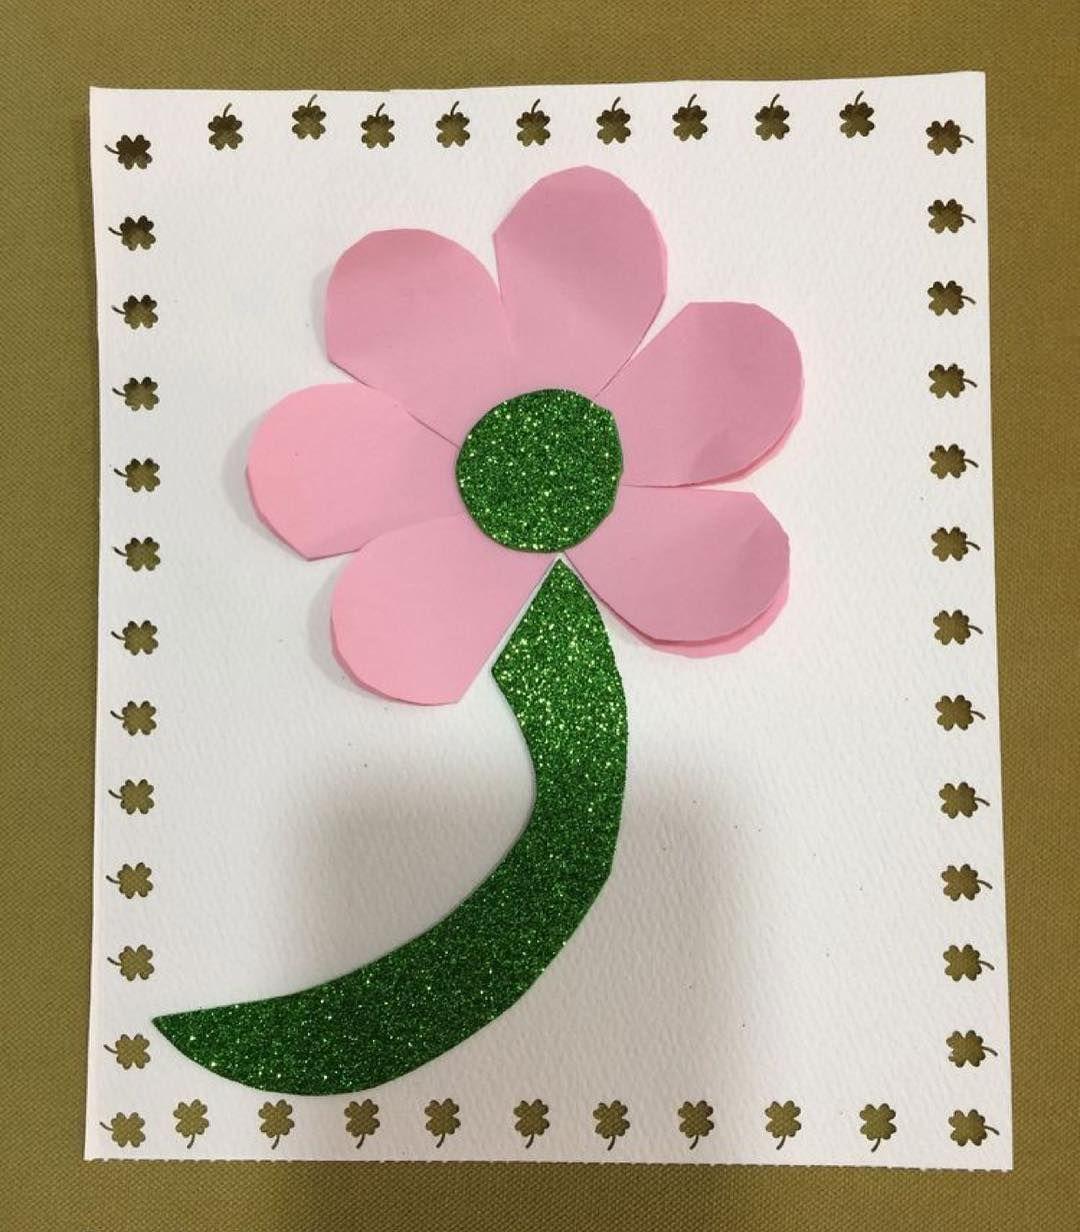 معلمة مبدعه Sur Instagram كولاج حرف ز Arabic Alphabet For Kids Alphabet For Kids Iphone Wallpaper